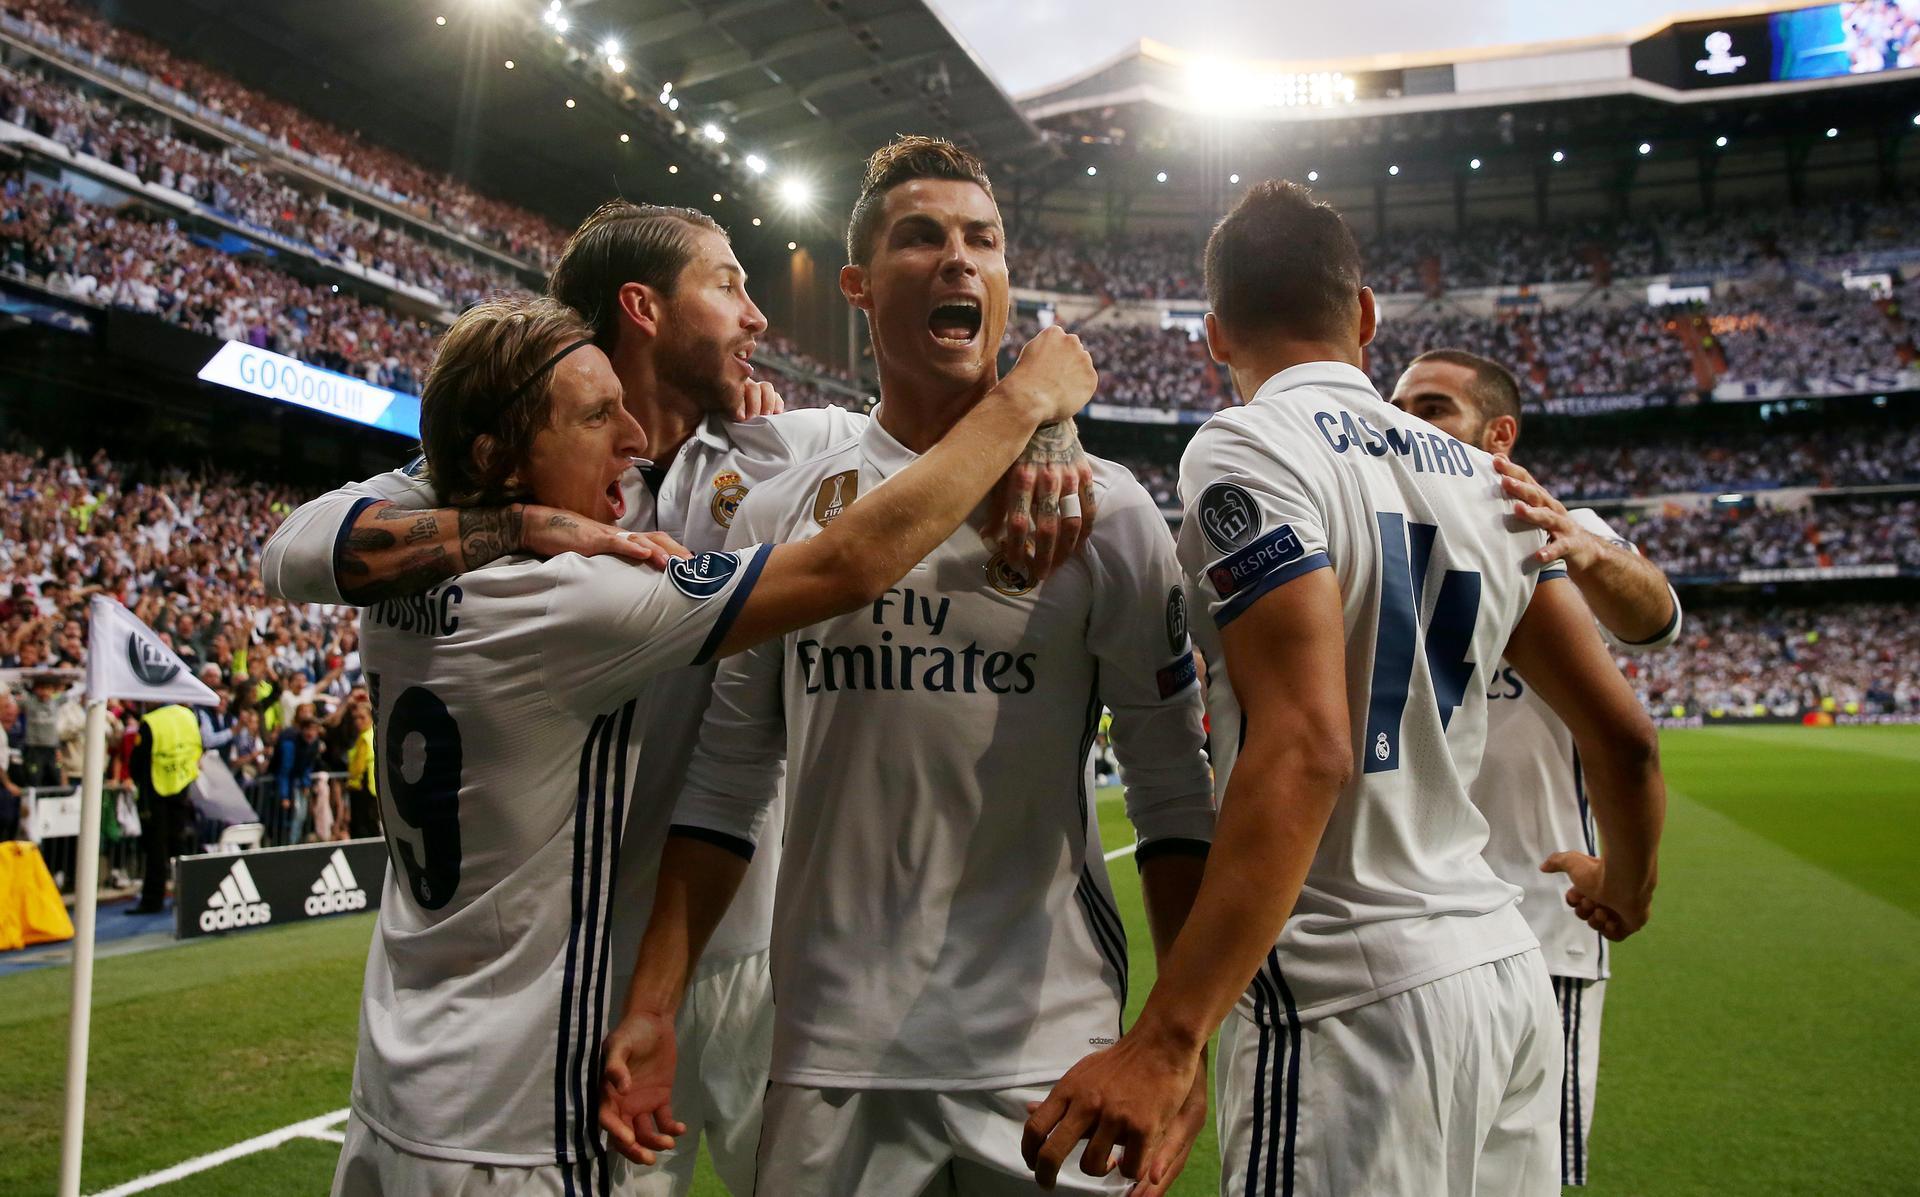 Kraljevski klub pun samopouzdanja, Ronaldo zabio 400. pogodak za Real